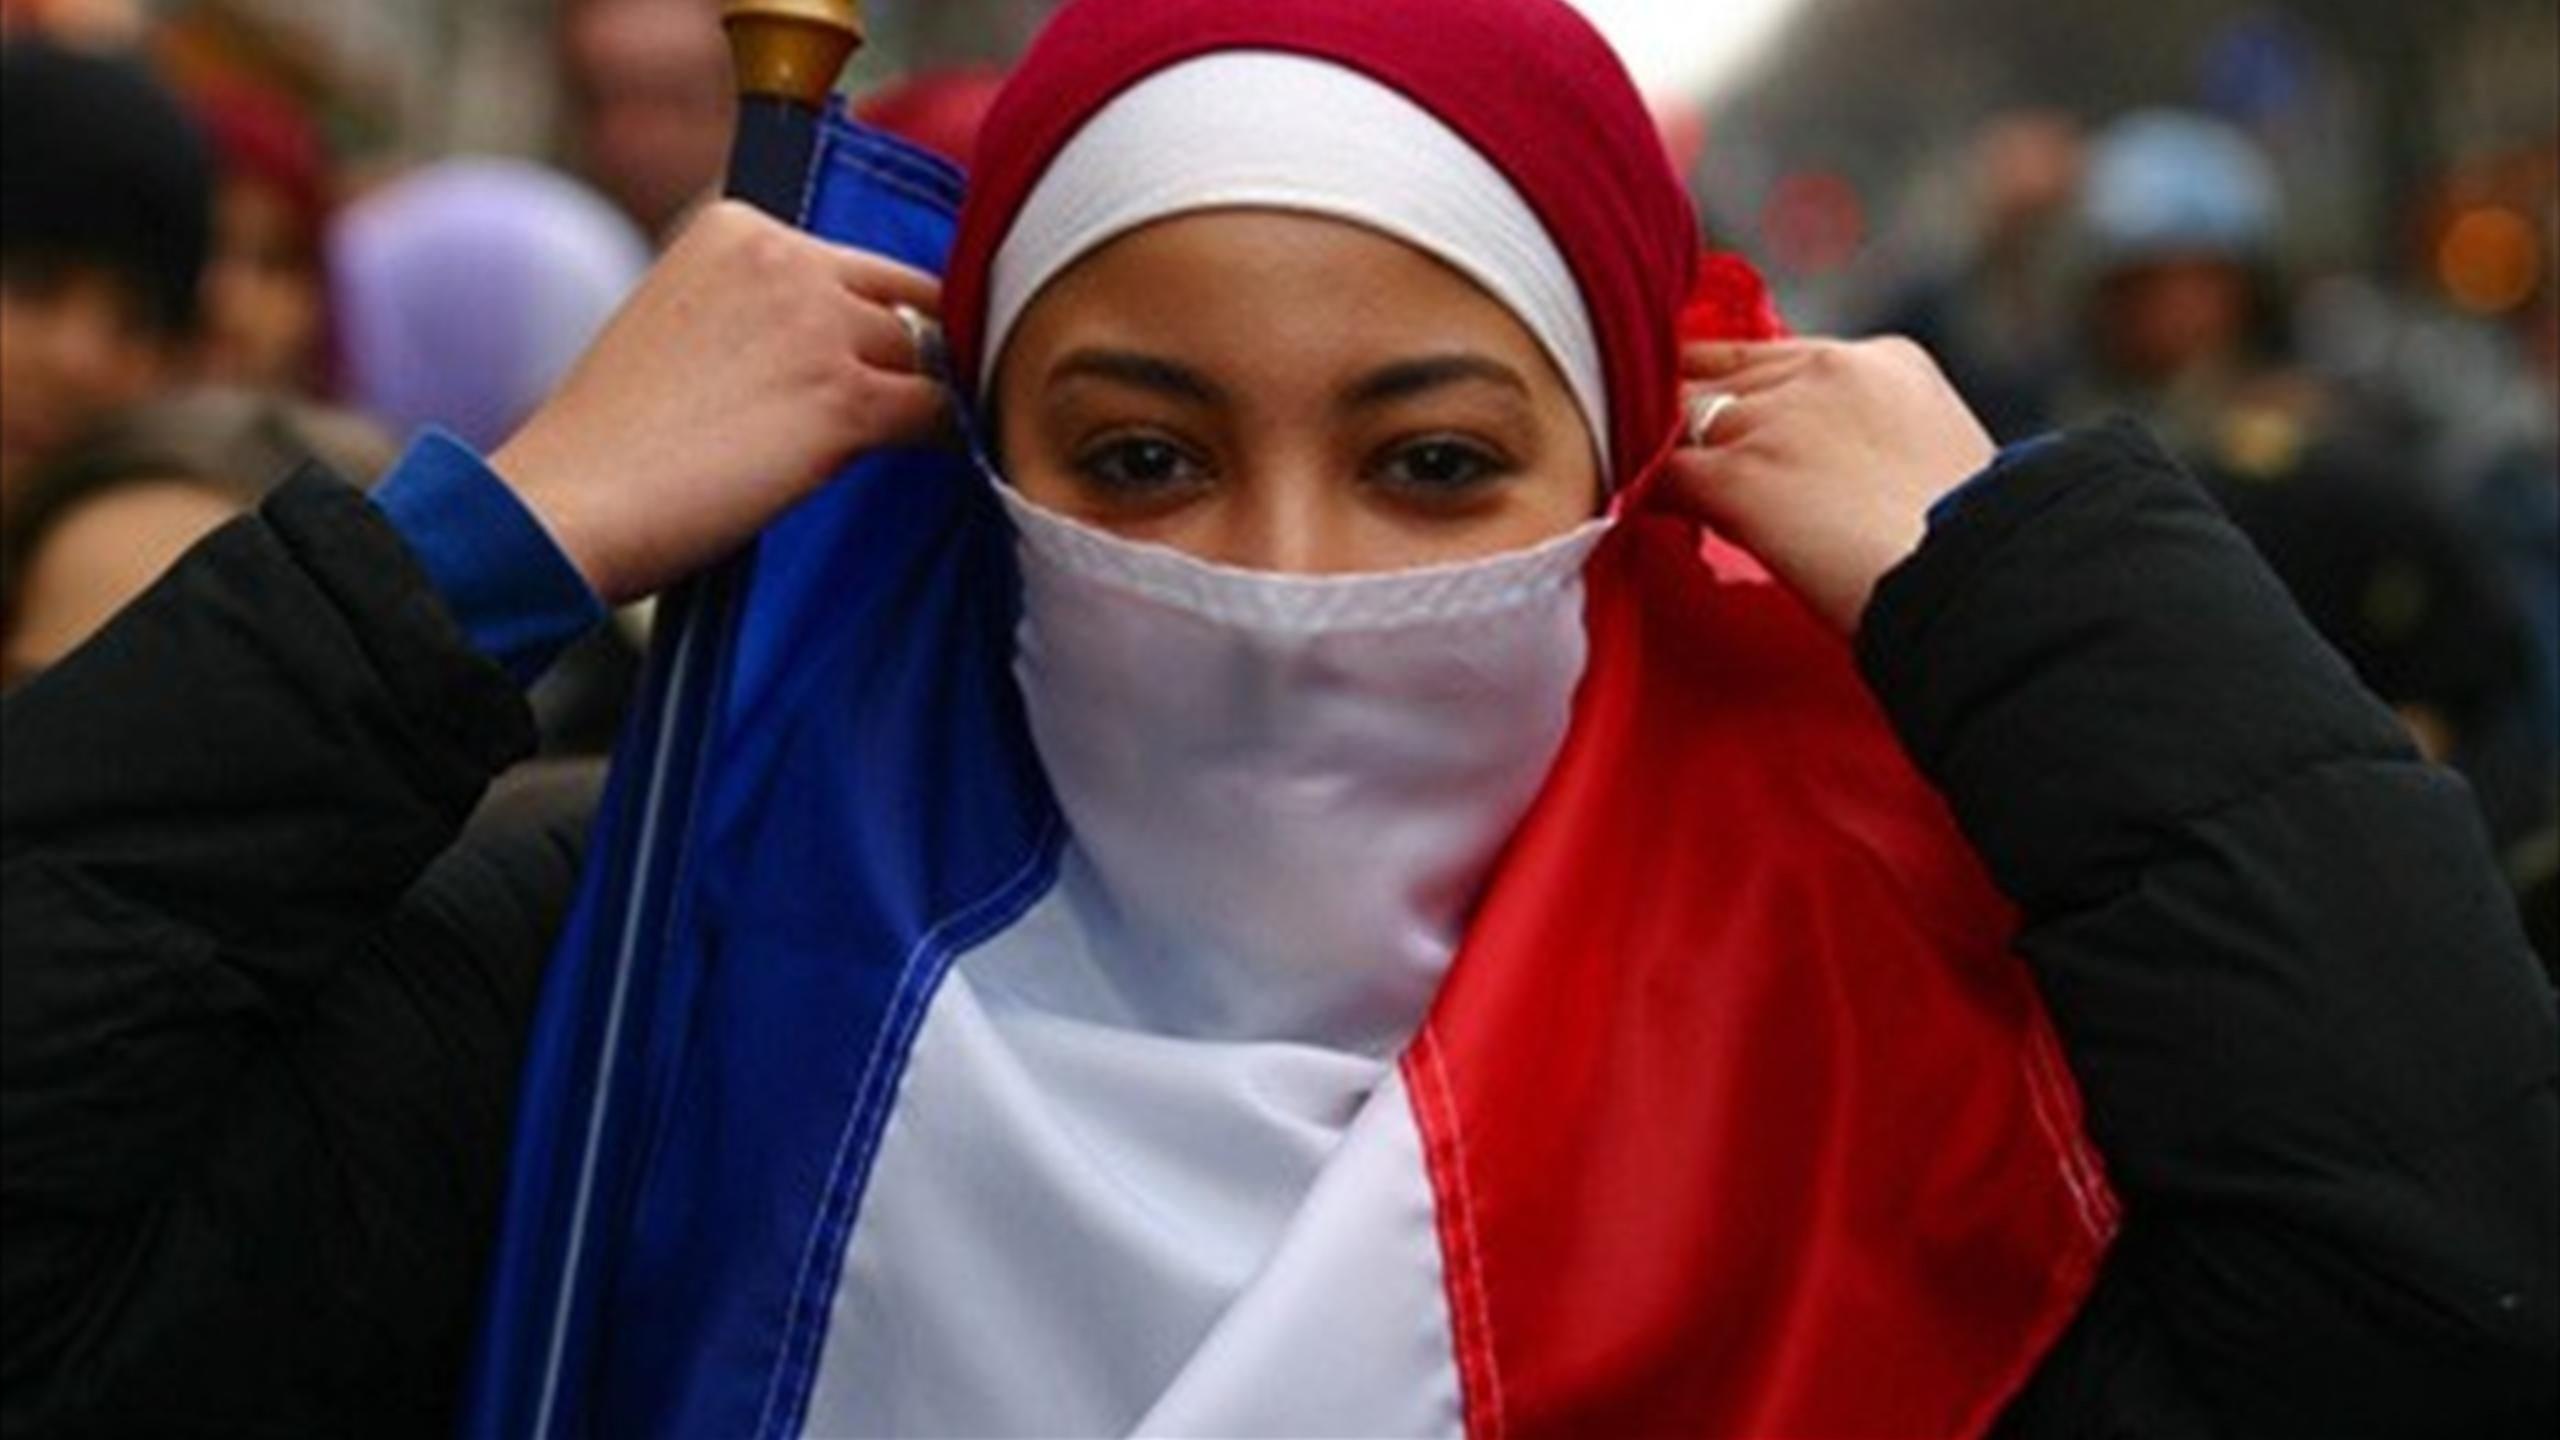 استمرت الخلافات الداخلية في فرنسا لشهور قبل التوصل إلى